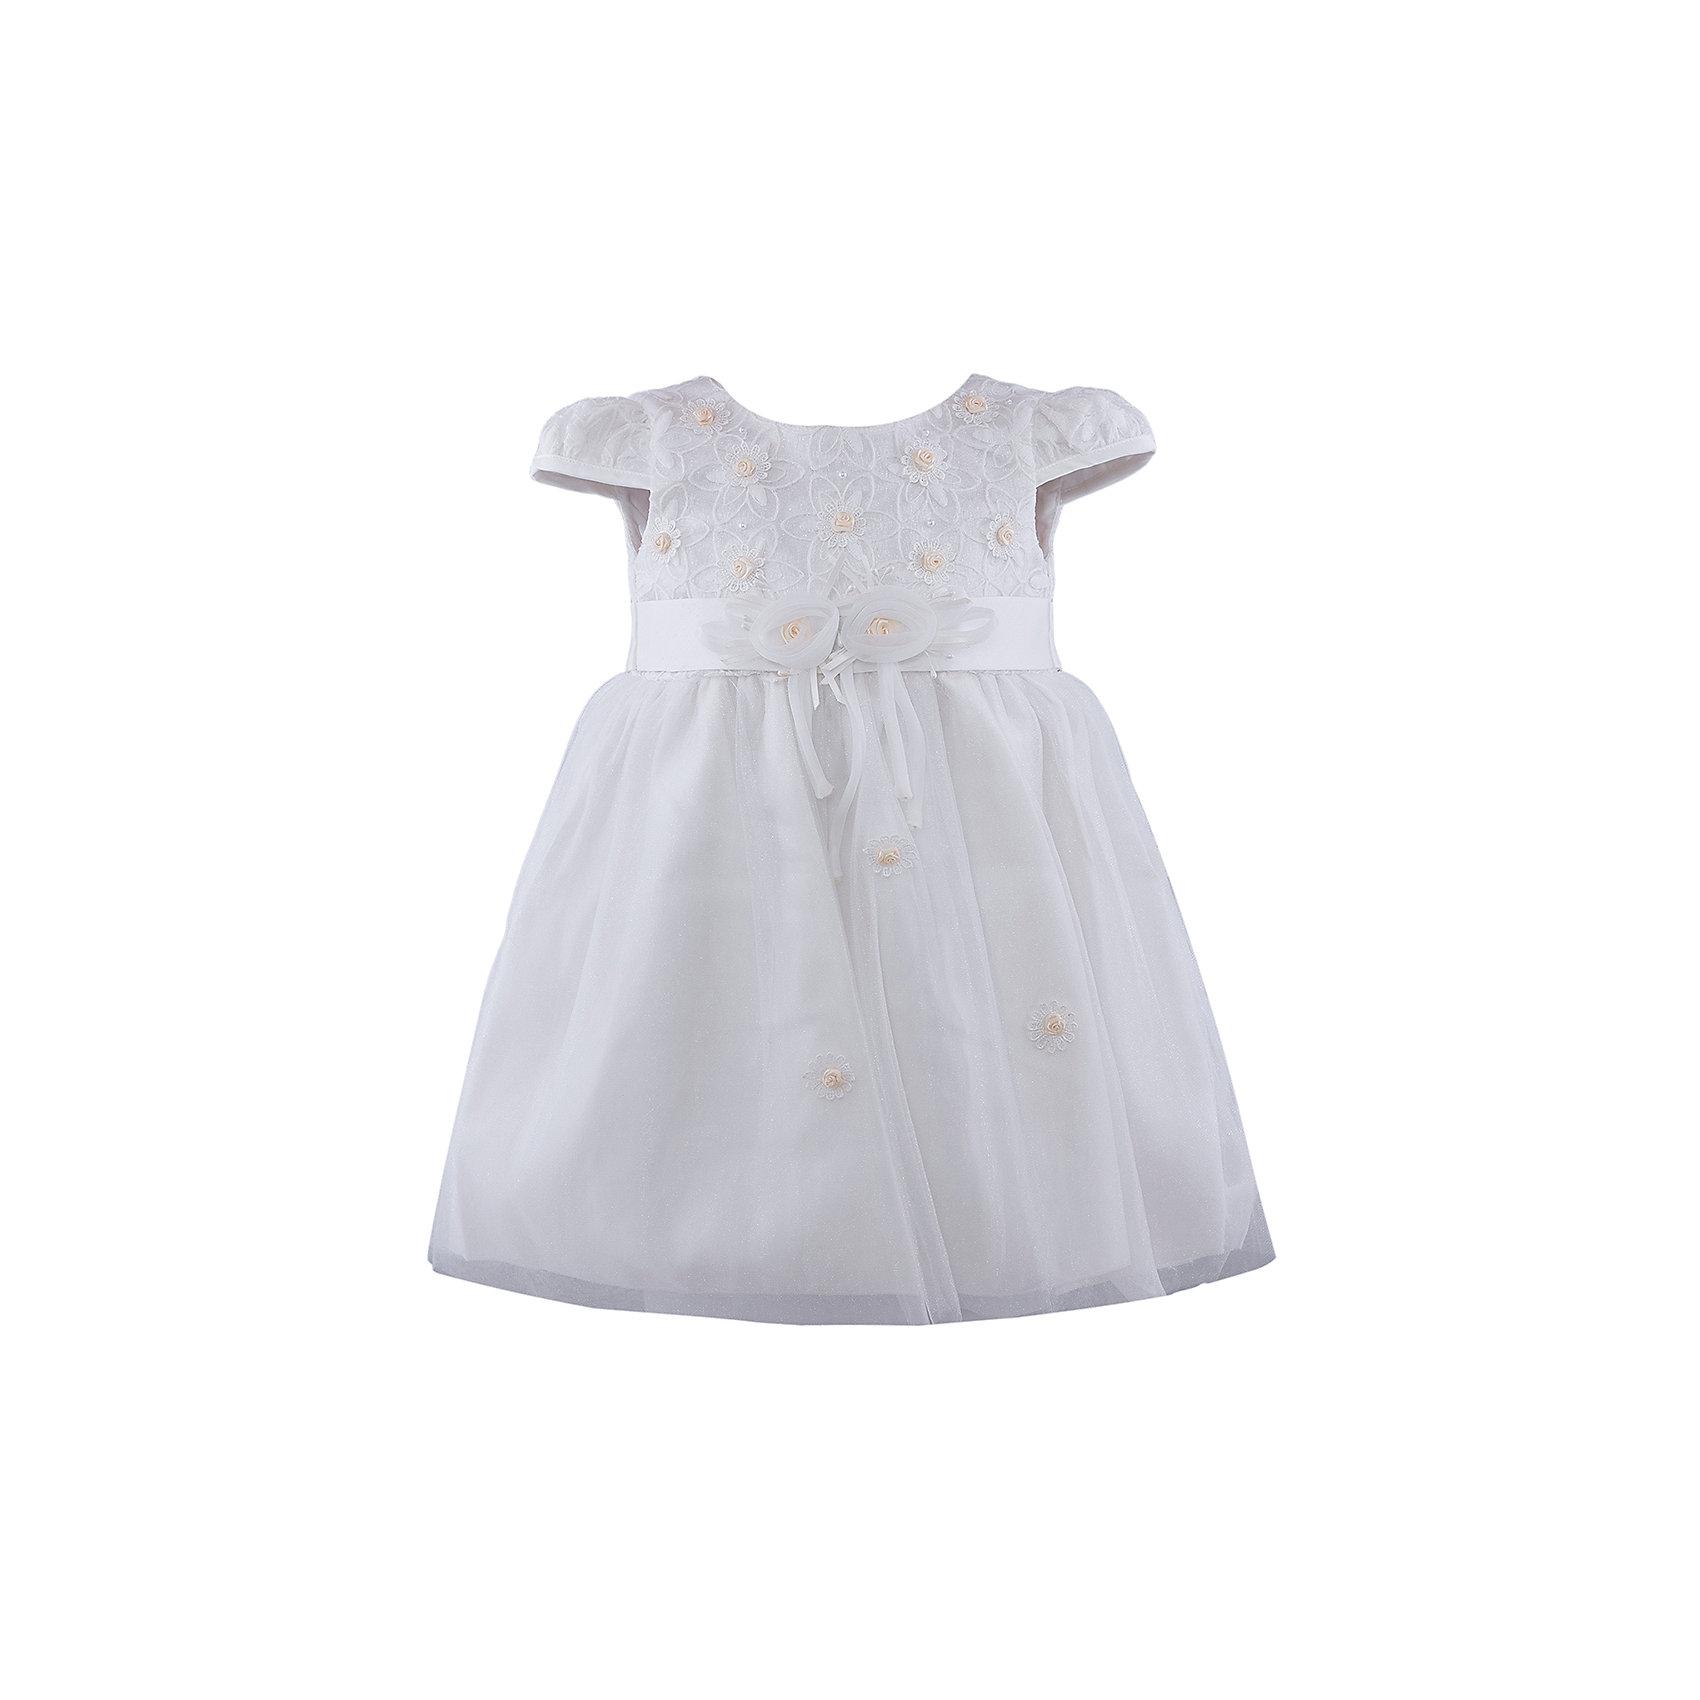 Нарядное платье для девочки VitacciОдежда<br>Платье для девочки от известного бренда Vitacci.<br>Очаровательное платье для маленькой принцессы. Модель отрезная по линии талии,с застёжкой молнией на спинке.<br>Состав:<br>100% полиэстер<br><br>Ширина мм: 236<br>Глубина мм: 16<br>Высота мм: 184<br>Вес г: 177<br>Цвет: бело-желтый<br>Возраст от месяцев: 72<br>Возраст до месяцев: 84<br>Пол: Женский<br>Возраст: Детский<br>Размер: 120,80,90,100,110<br>SKU: 4956097